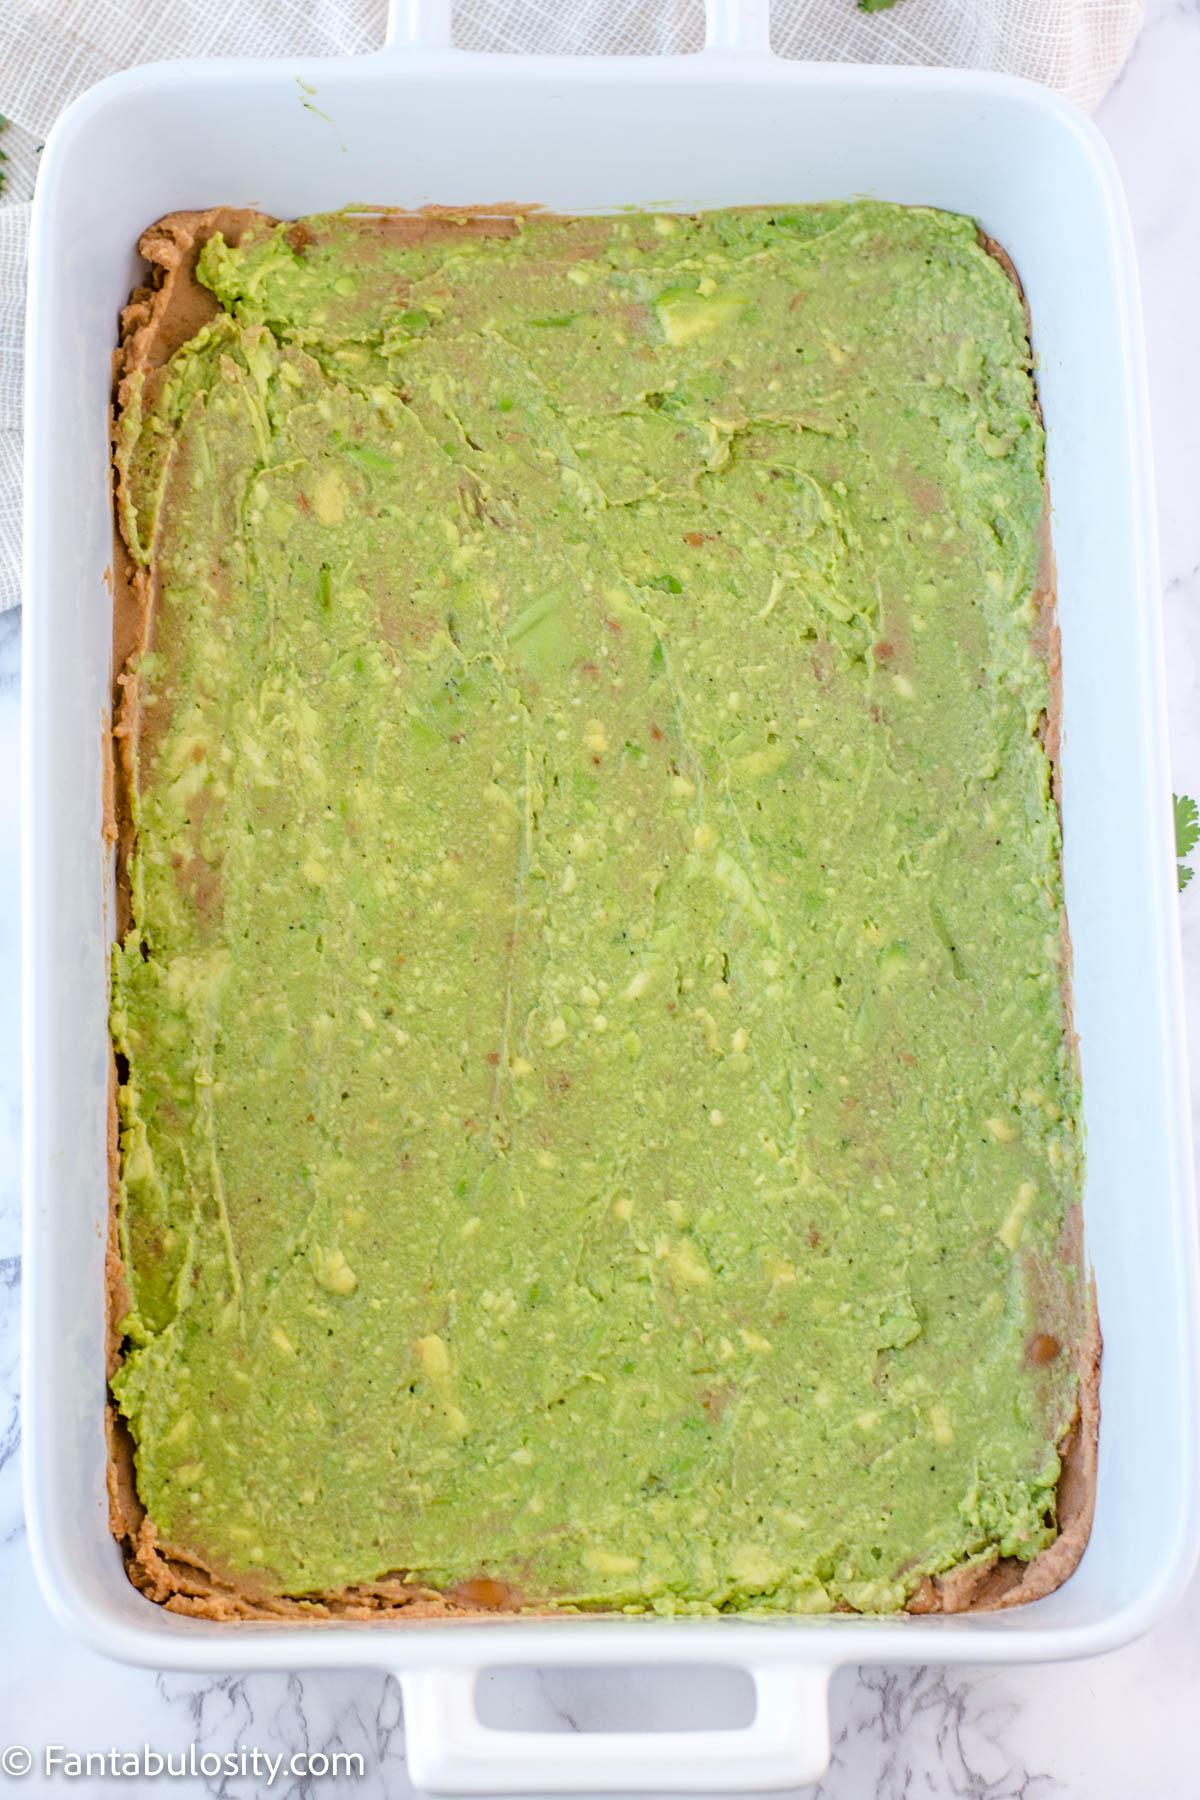 spread mashed avocado or guacamole in dish